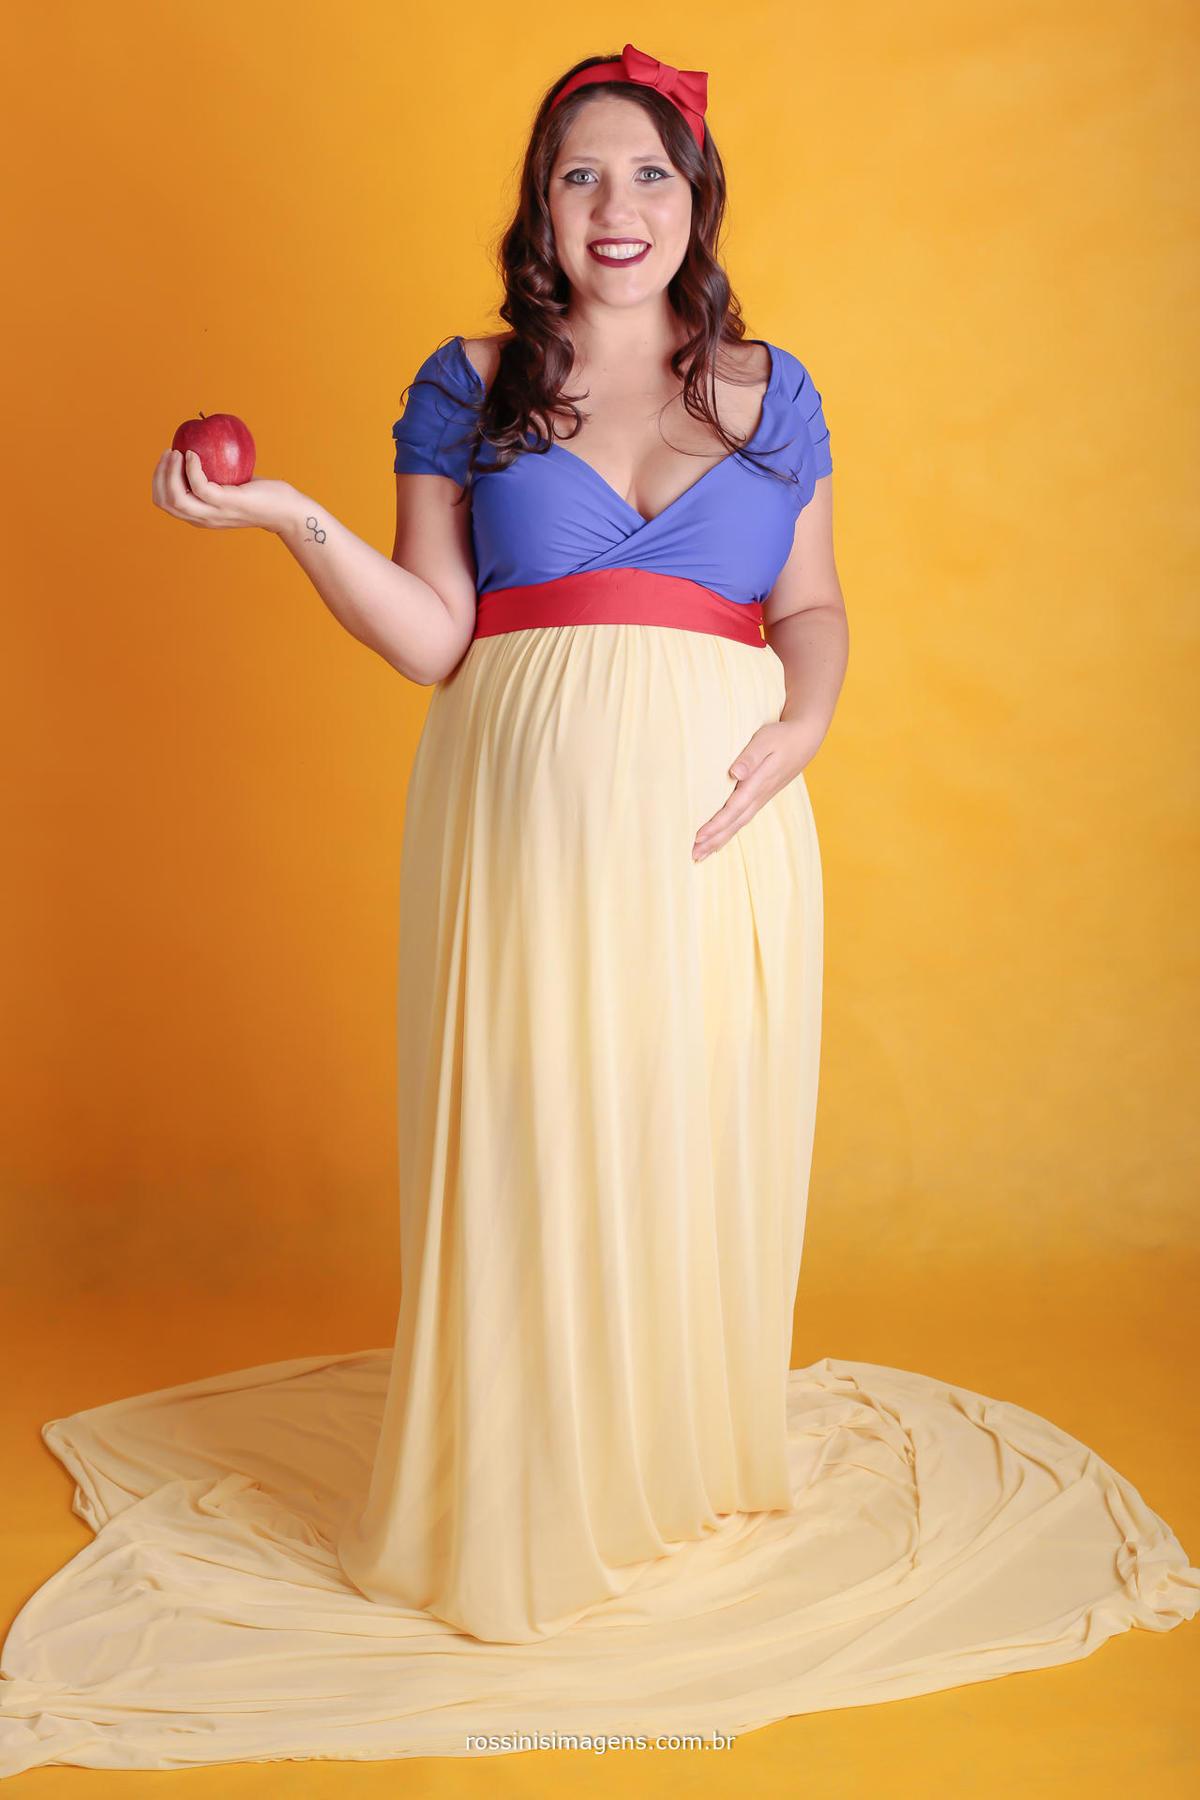 fotografia de gravida em sessão de fotos em estudio especializado em fotografia de gestante